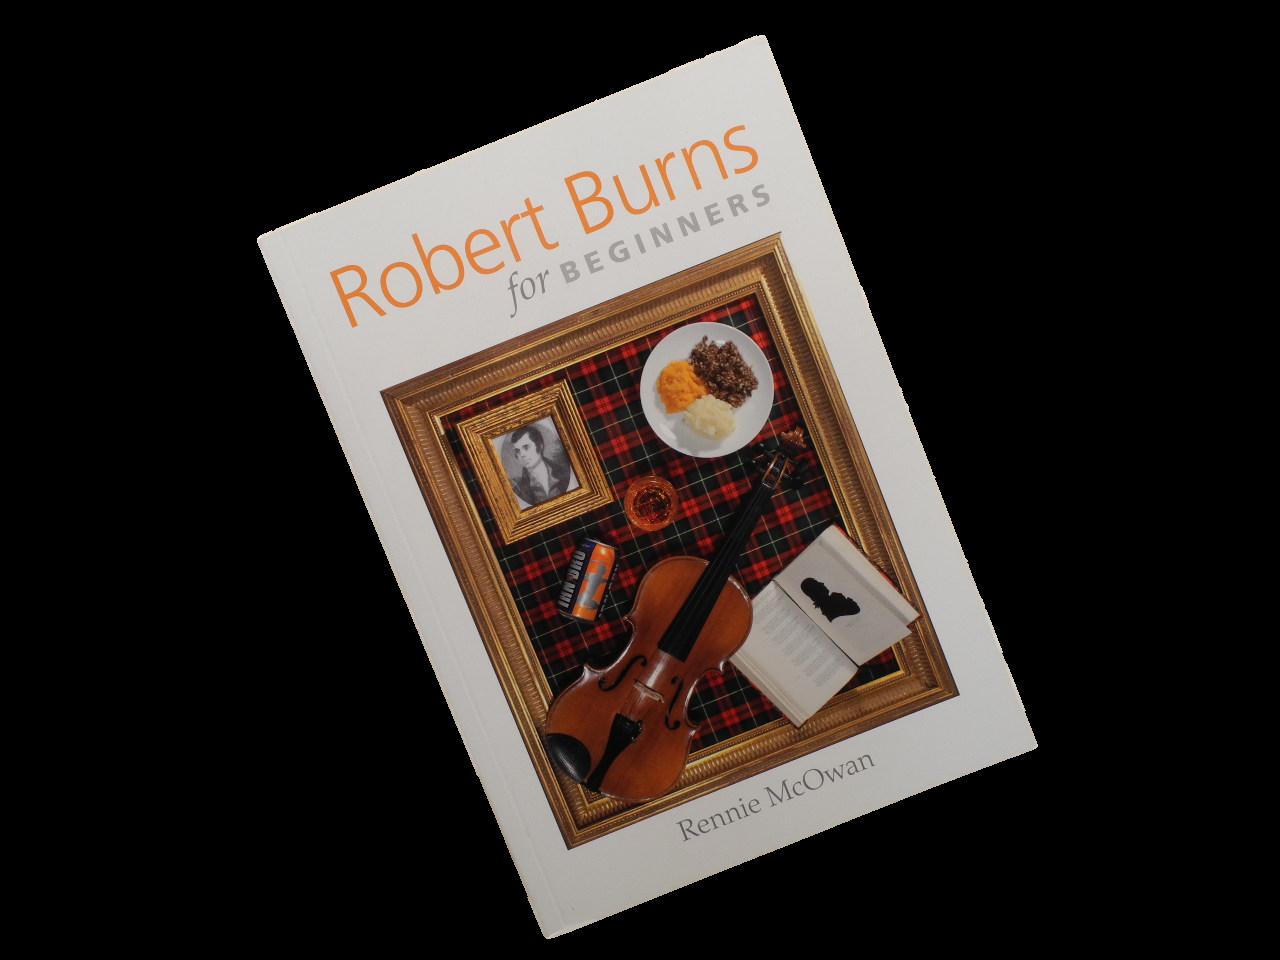 scottish book introduction to robert burns rennie mcowan